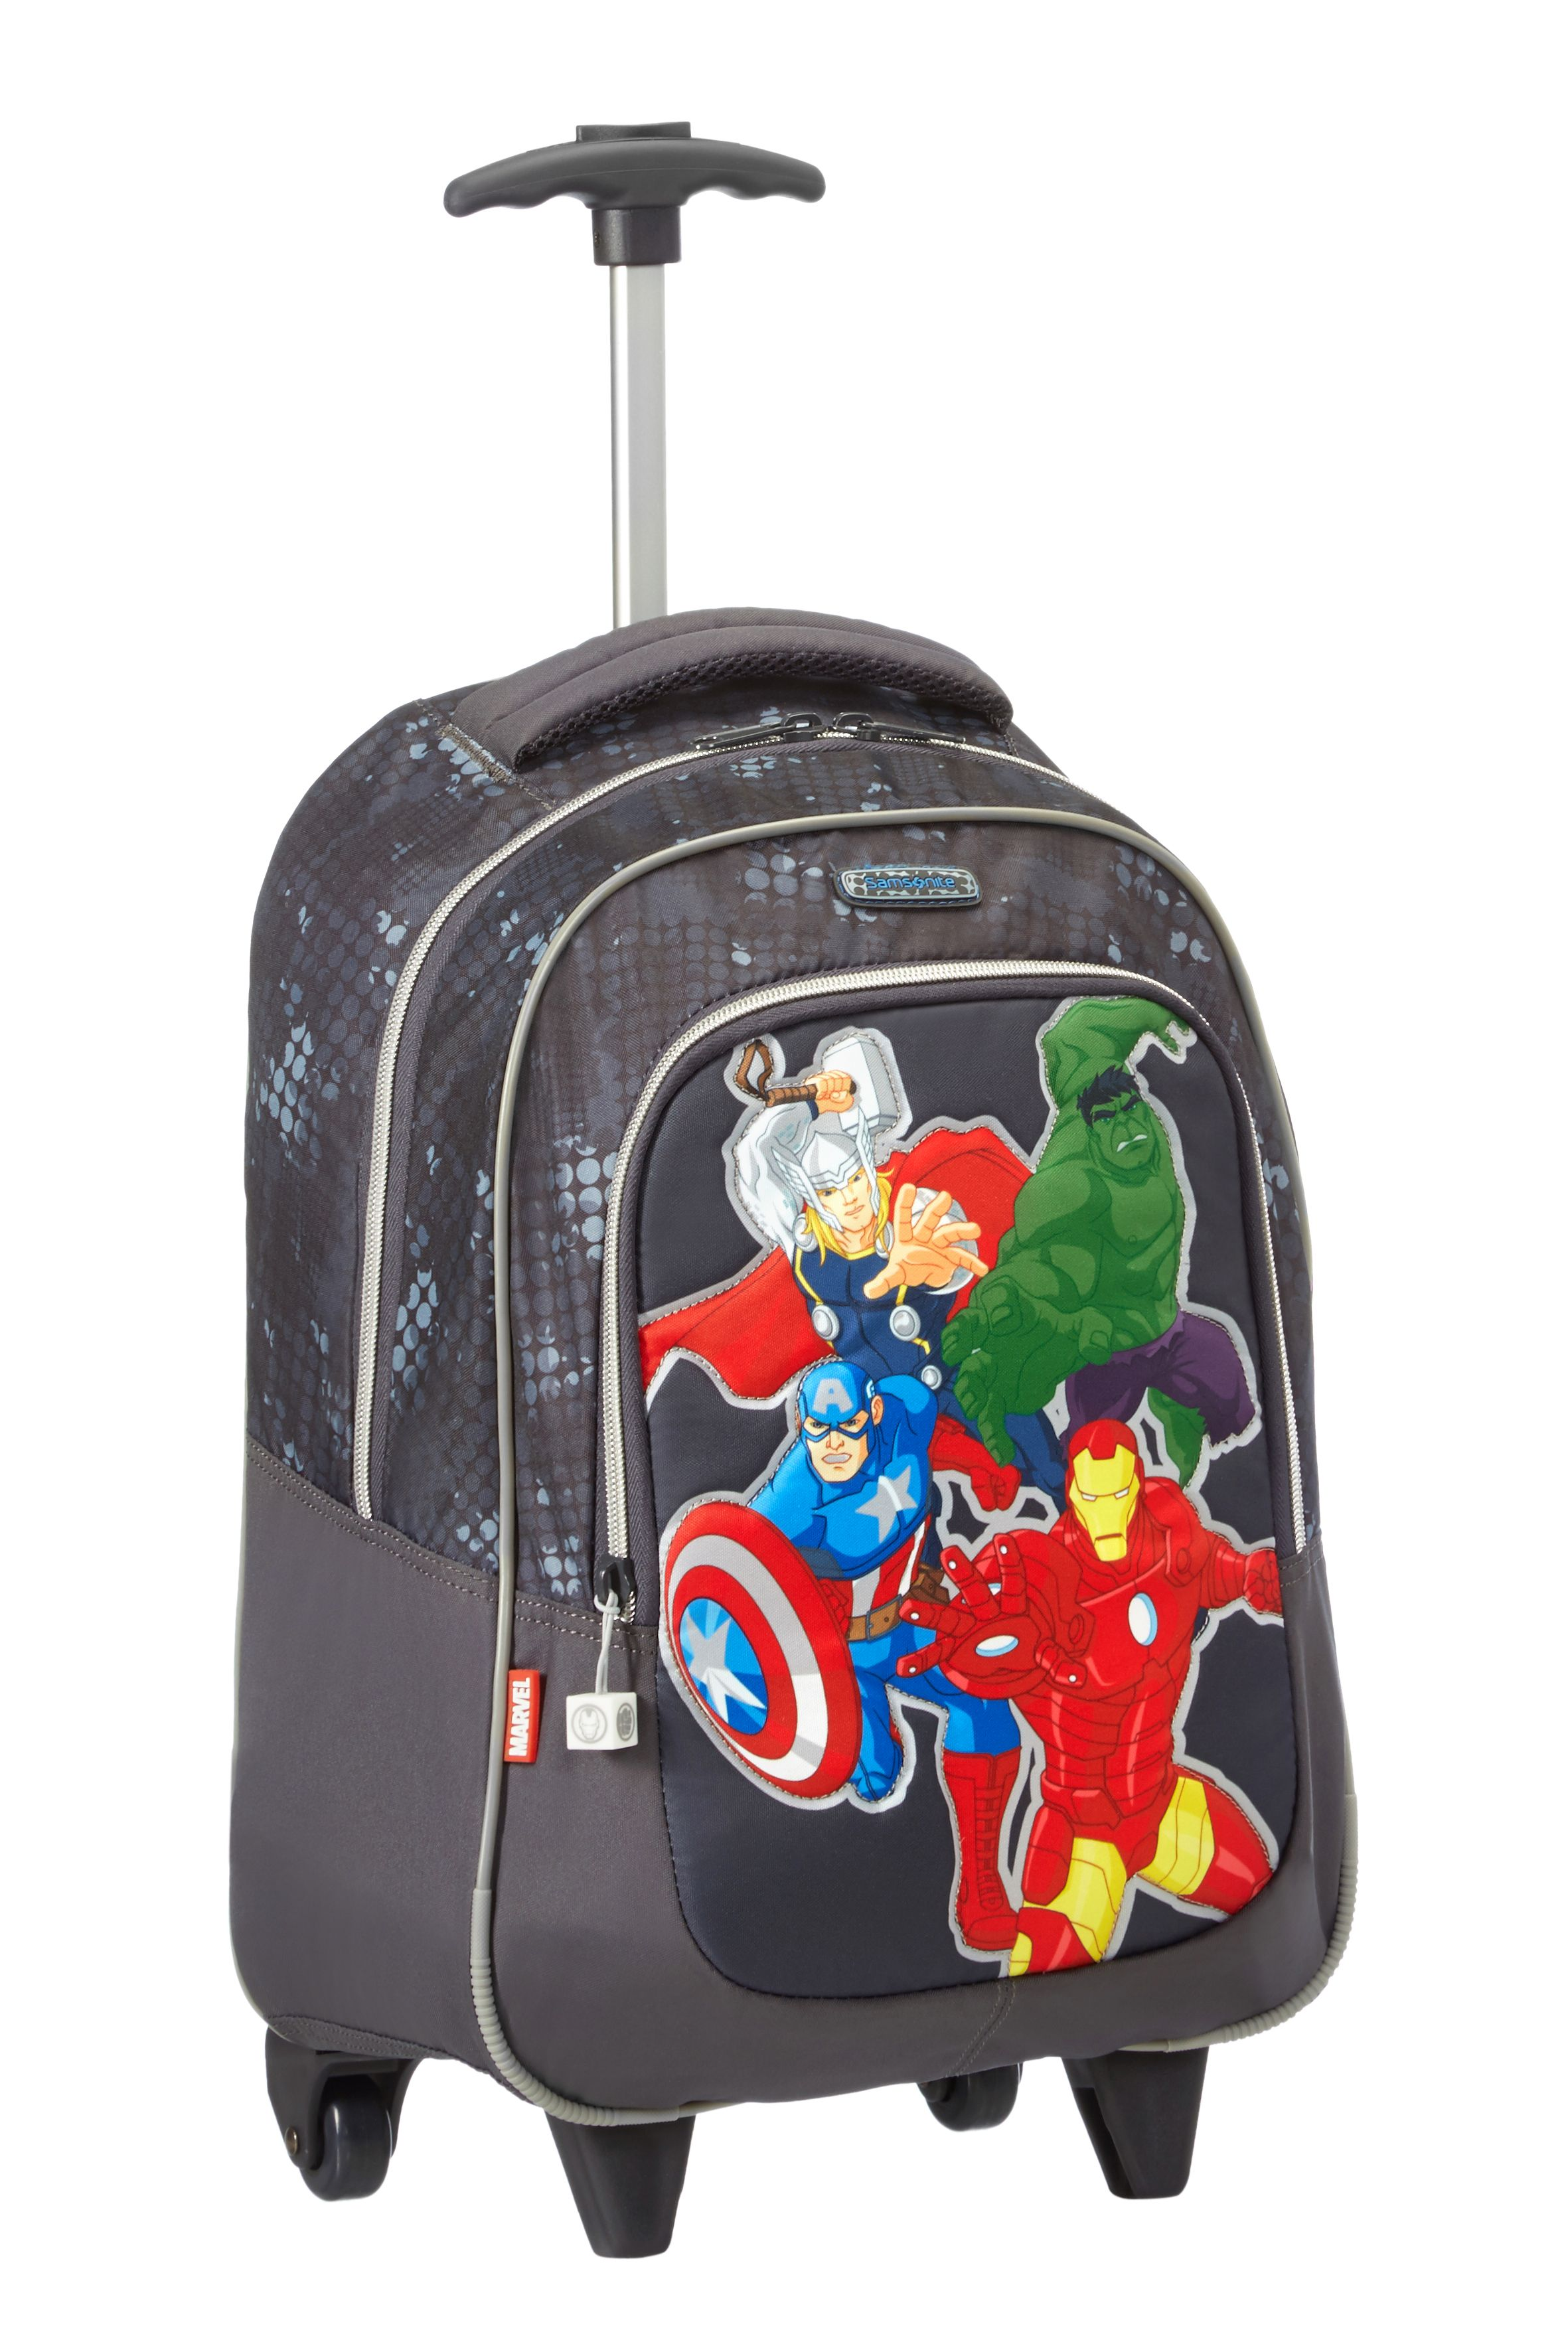 250d4ae80d Marvel Wonders - Avengers Backpack Wheels  Disney  Samsonite  Avengers   Hulk  IronMan  CaptainAmerica  Thor  Marvel  Travel  Kids  School   Schoolbag ...